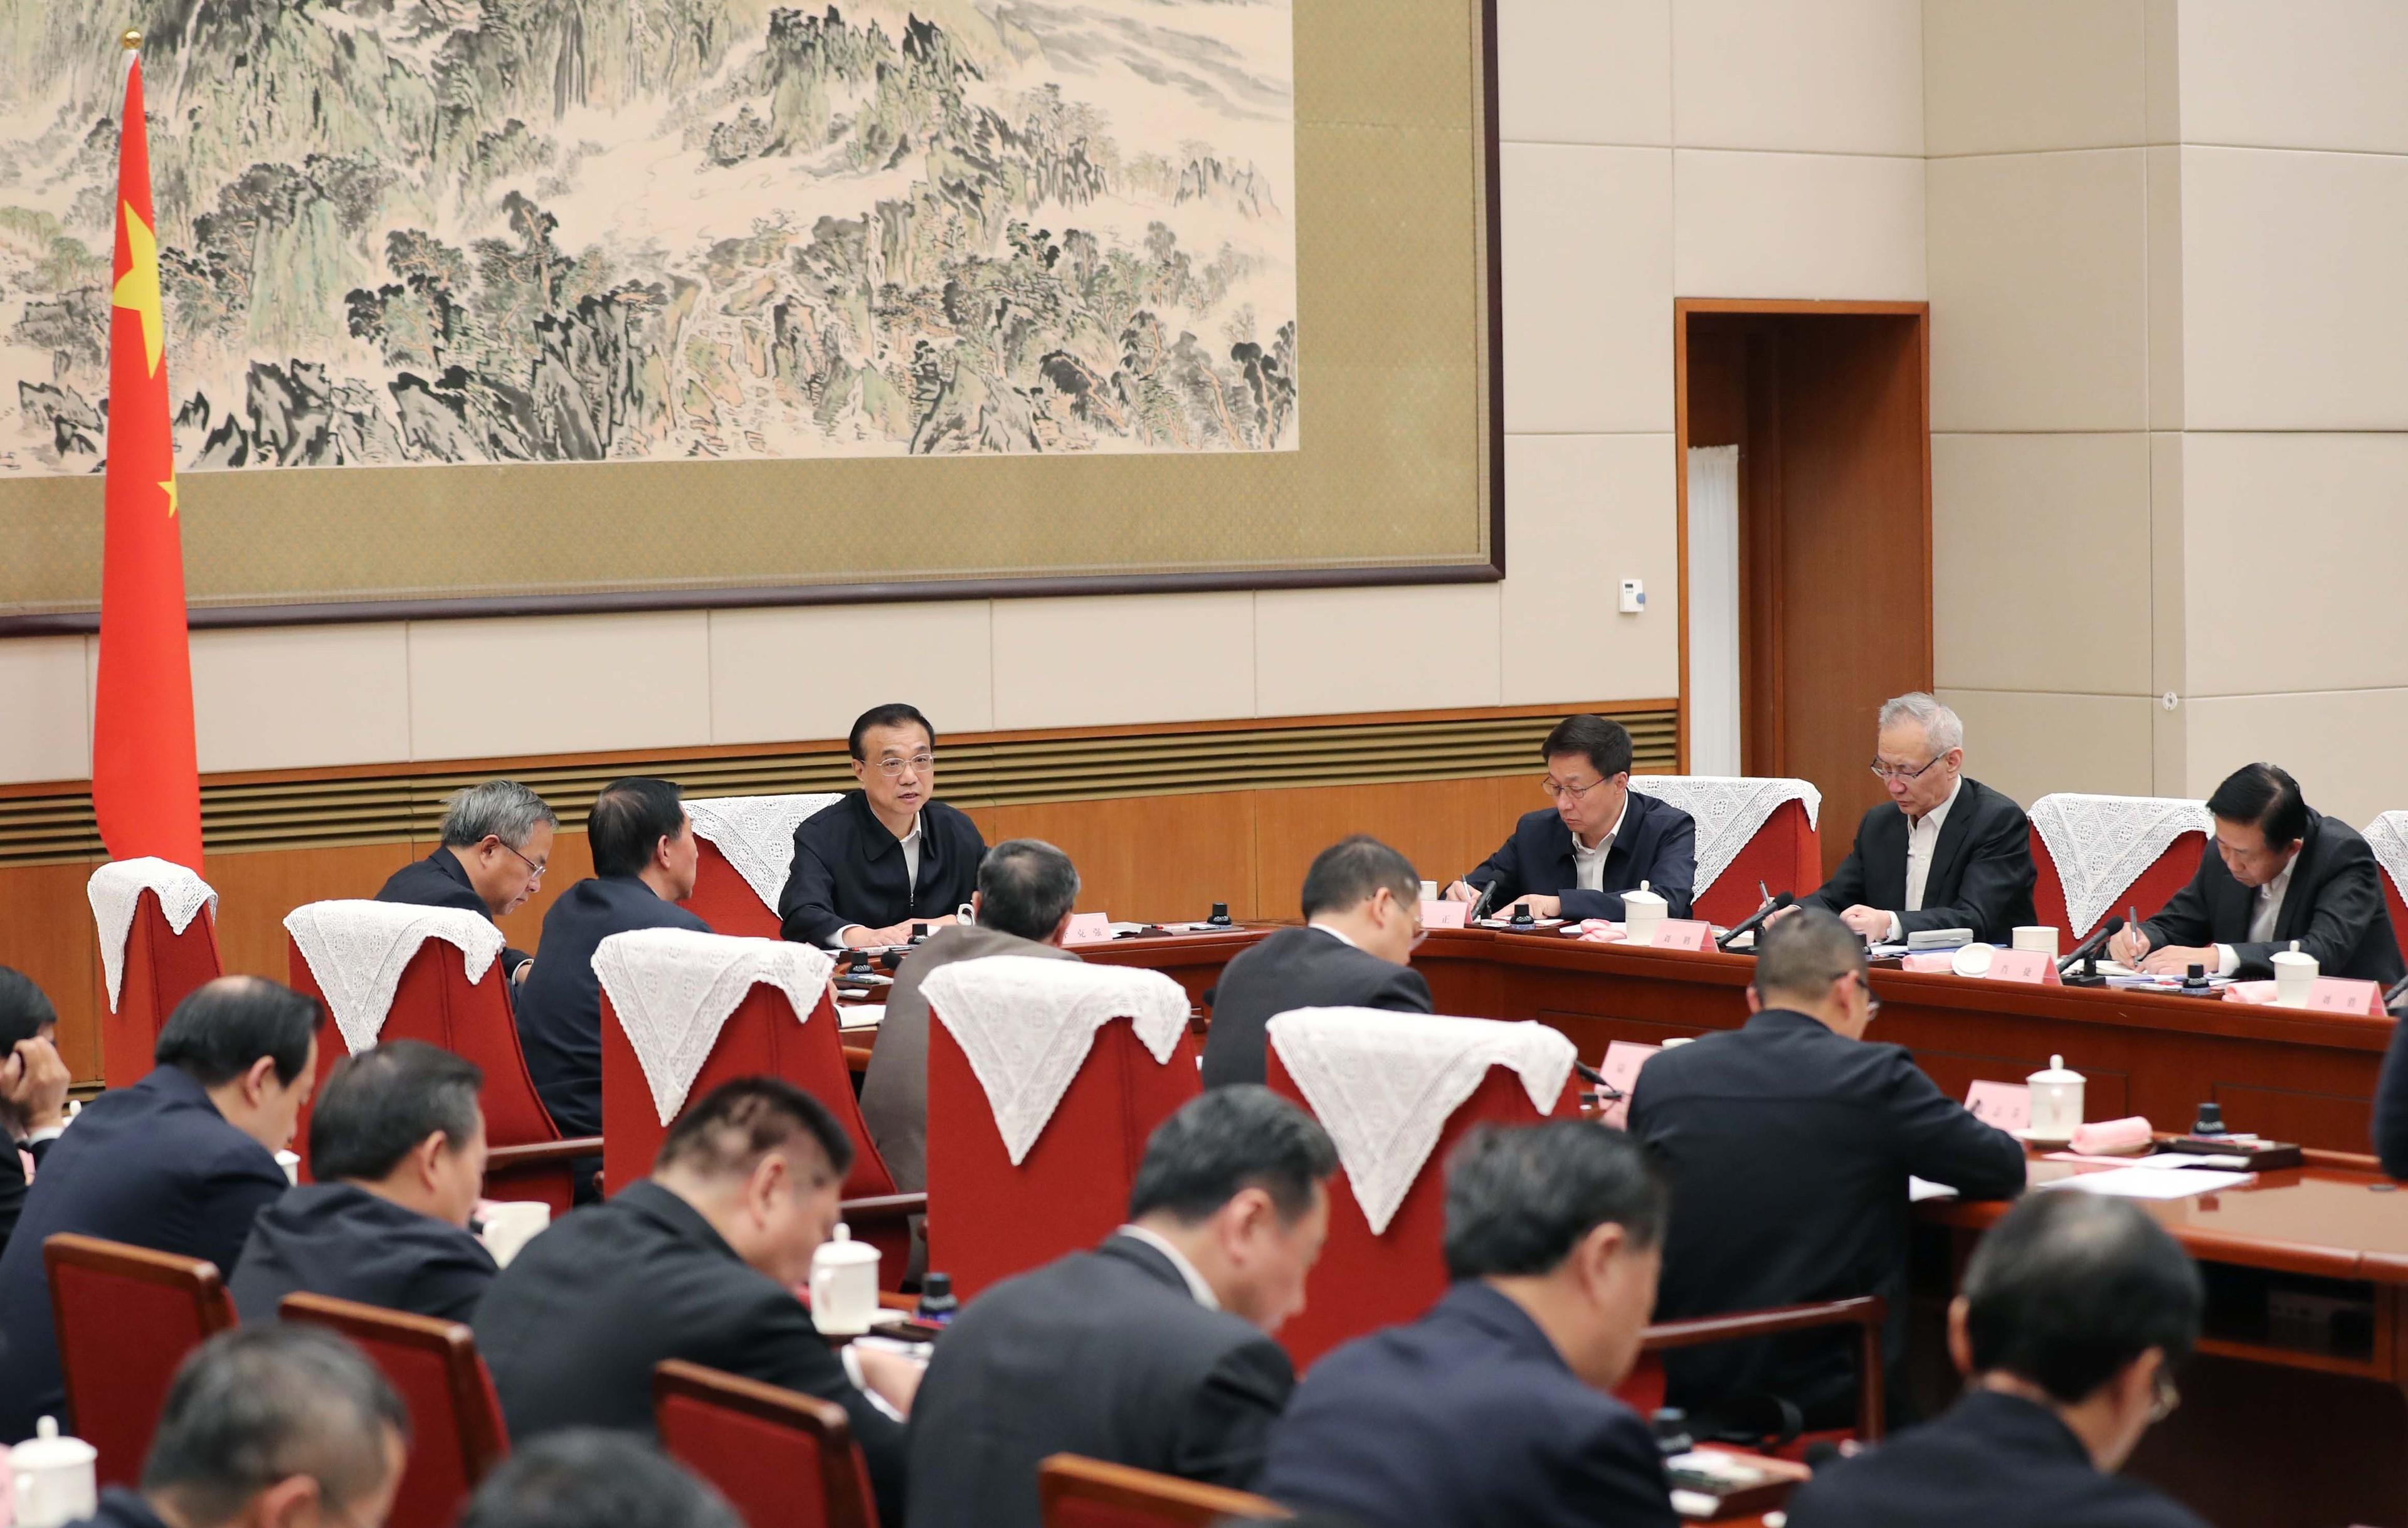 一周内第二次促企业抓住RCEP契机,总理在这个座谈会上不仅谈到稳经济,更强调改善民生